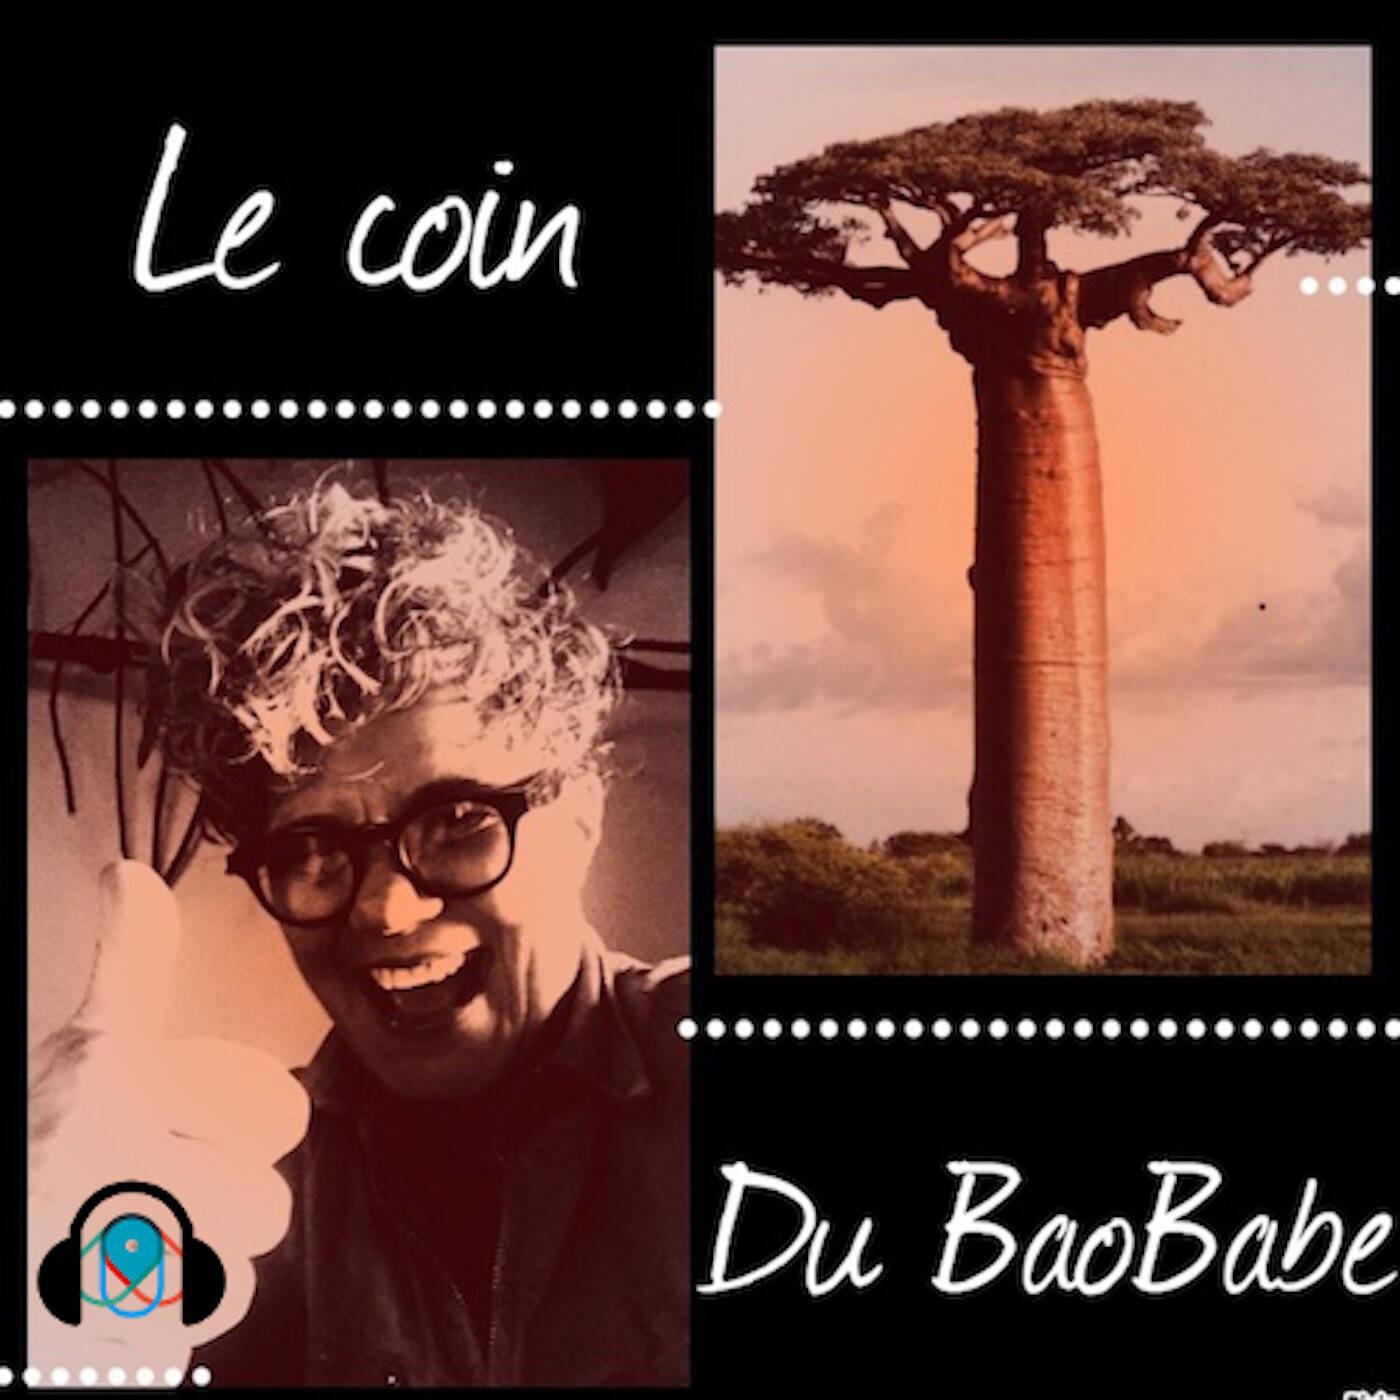 LE COIN DU BAOBABE S1E6